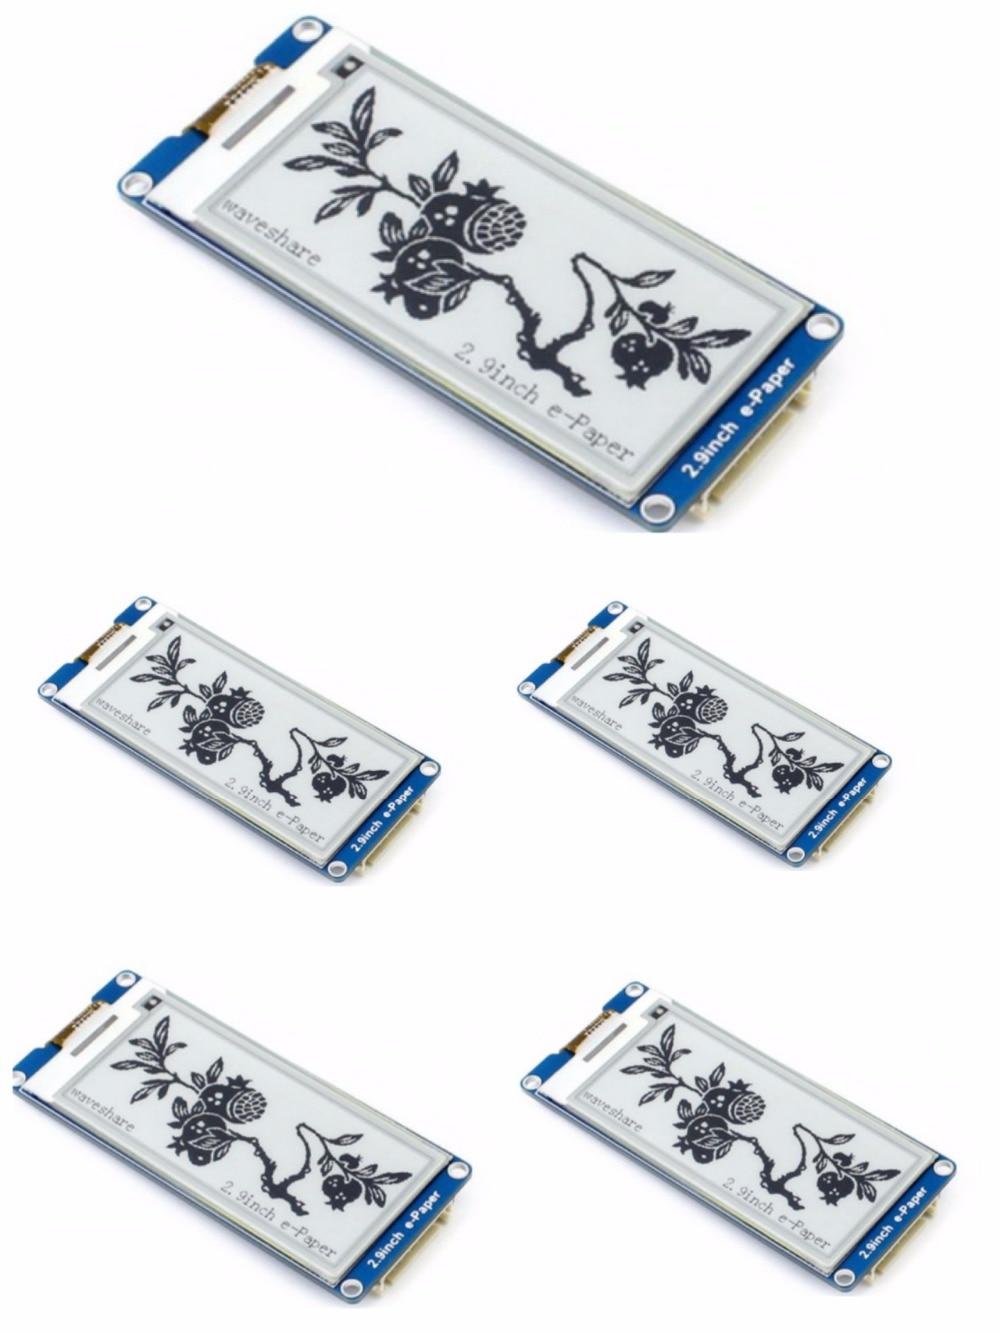 5 pcs/lot 2.9 pouces écran e-ink, 2.9 ''e-paper, 296x128, deux couleurs d'affichage: noir, blanc, interface SPI, prend en charge l'actualisation partielle.